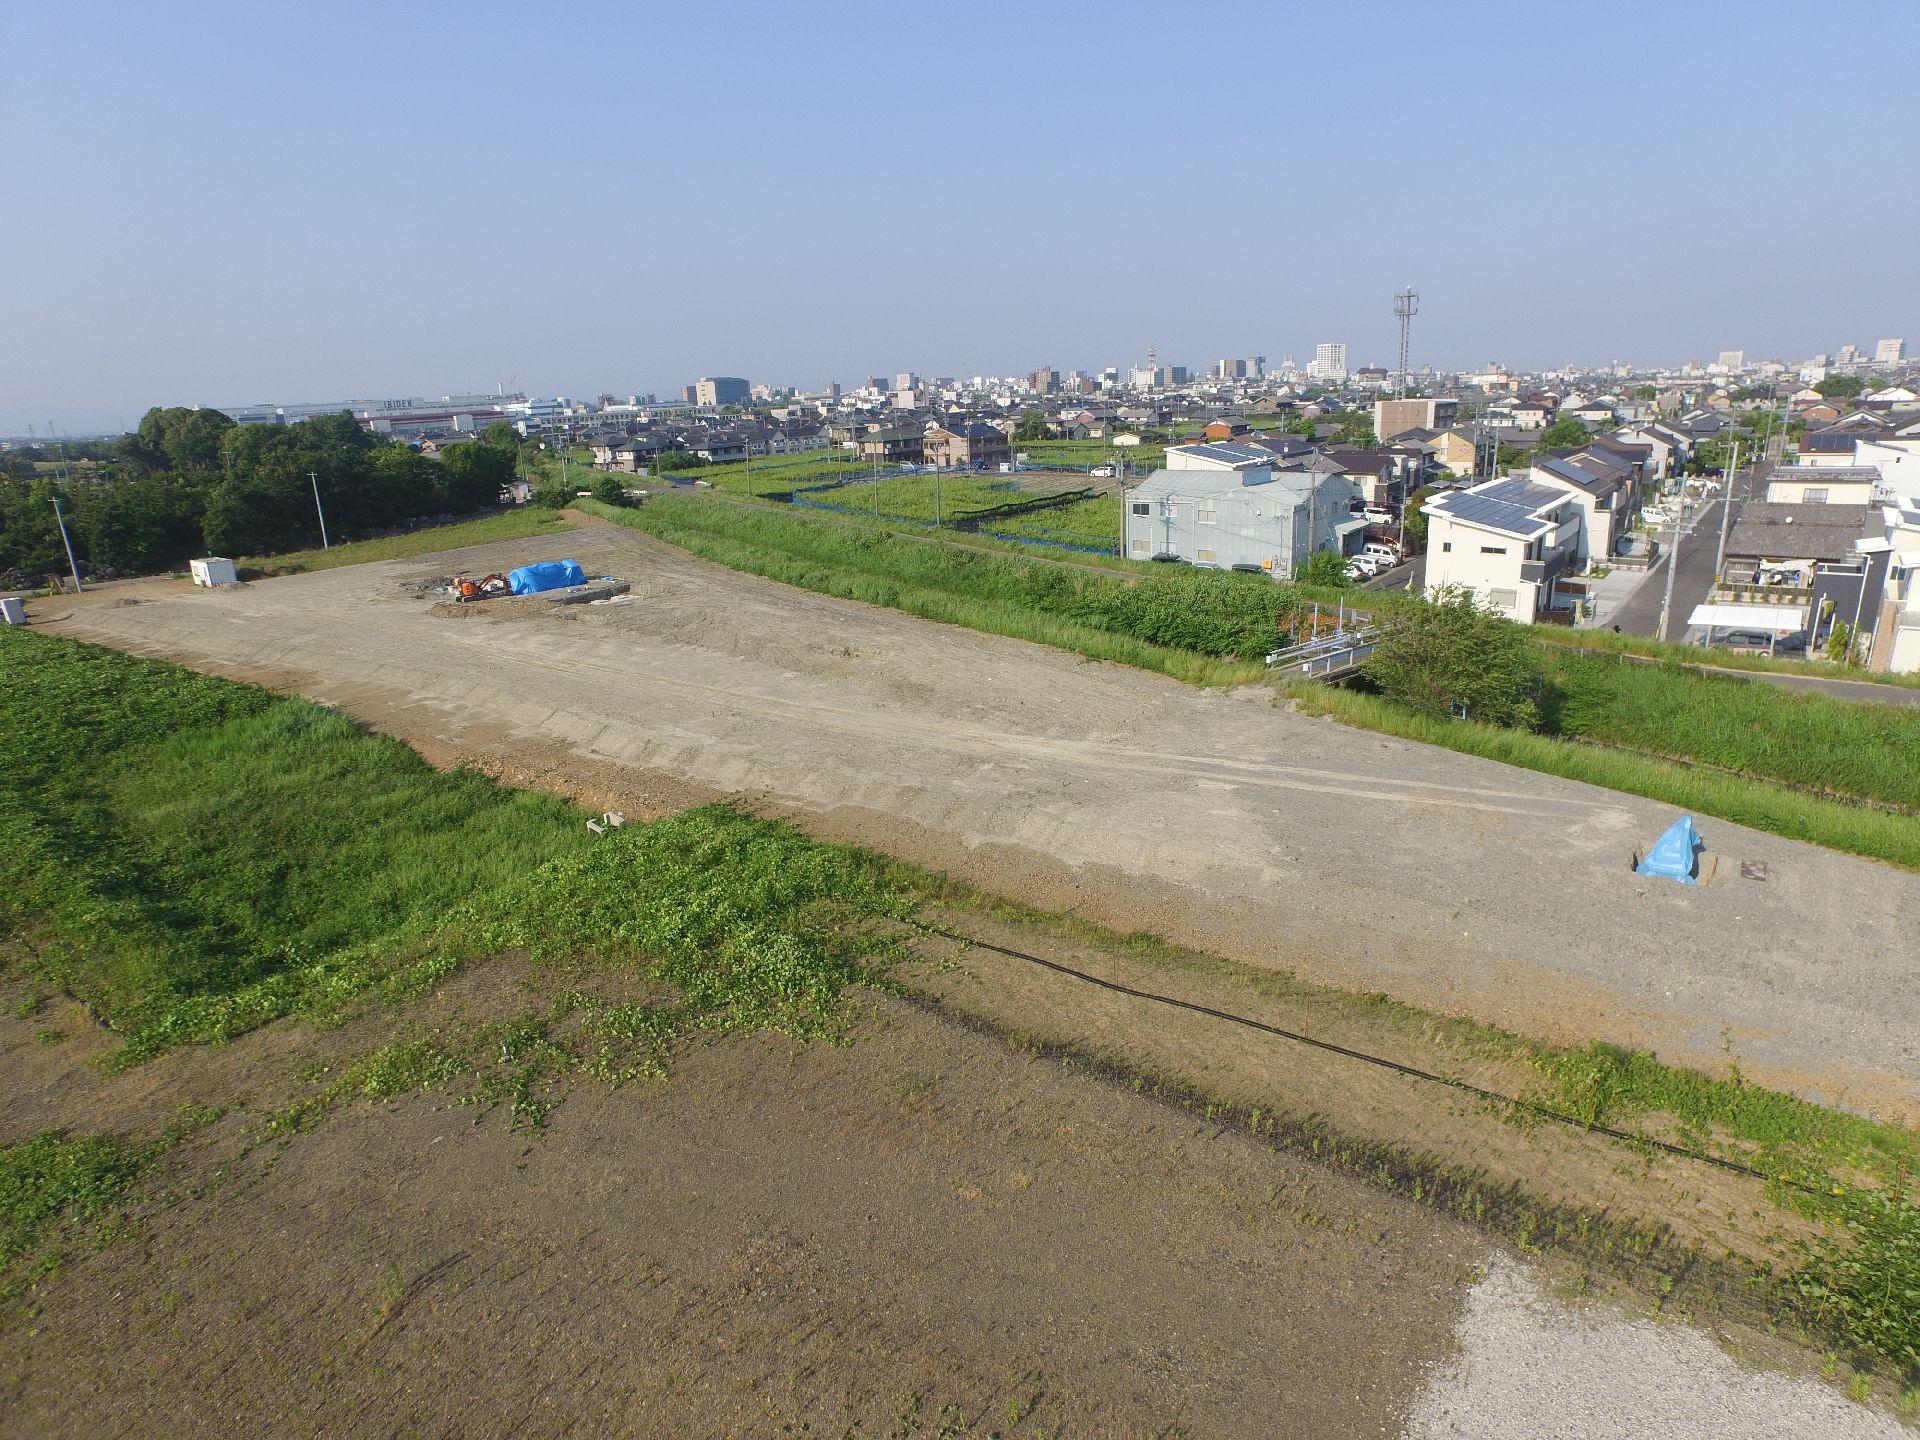 平成27年5月 大垣市発注業者による余盛によって圧密沈下を起こさせて地耐力の強化をを待っているのと並行して、水汲み場と合葬墓を施工。